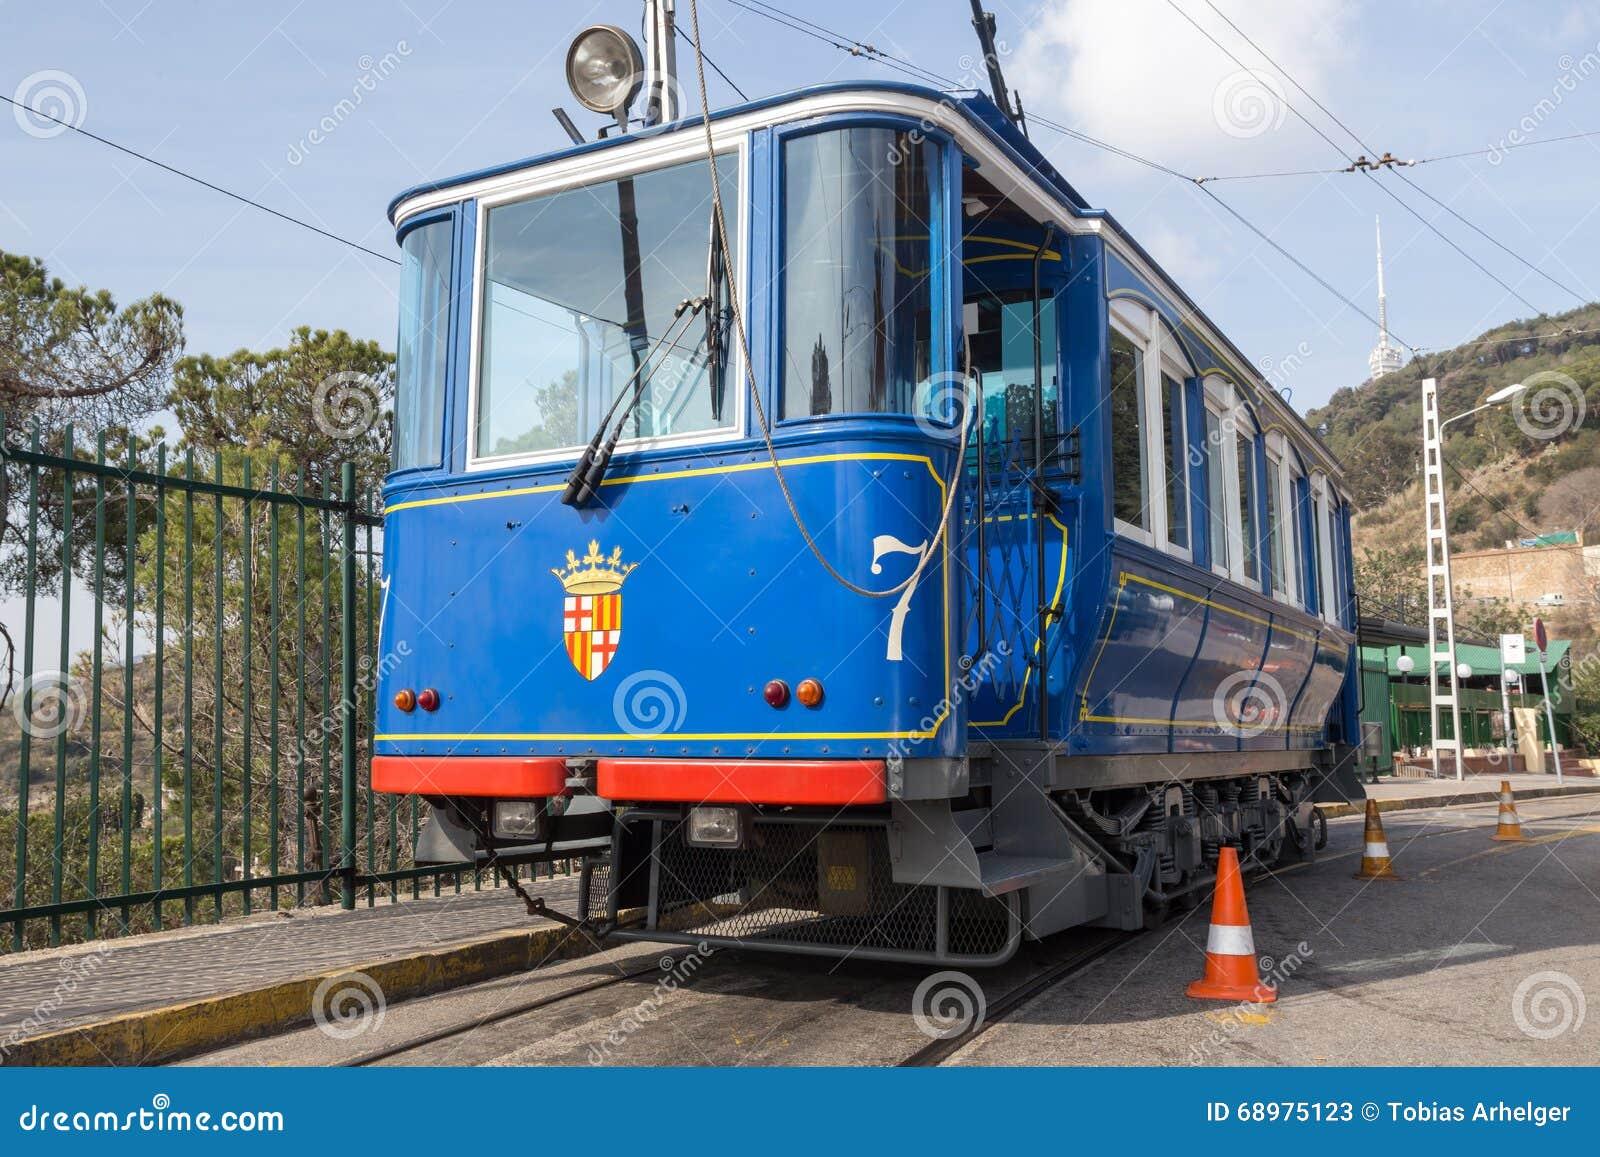 Cabina di funivia Barcellona spagna di blau di tramvia